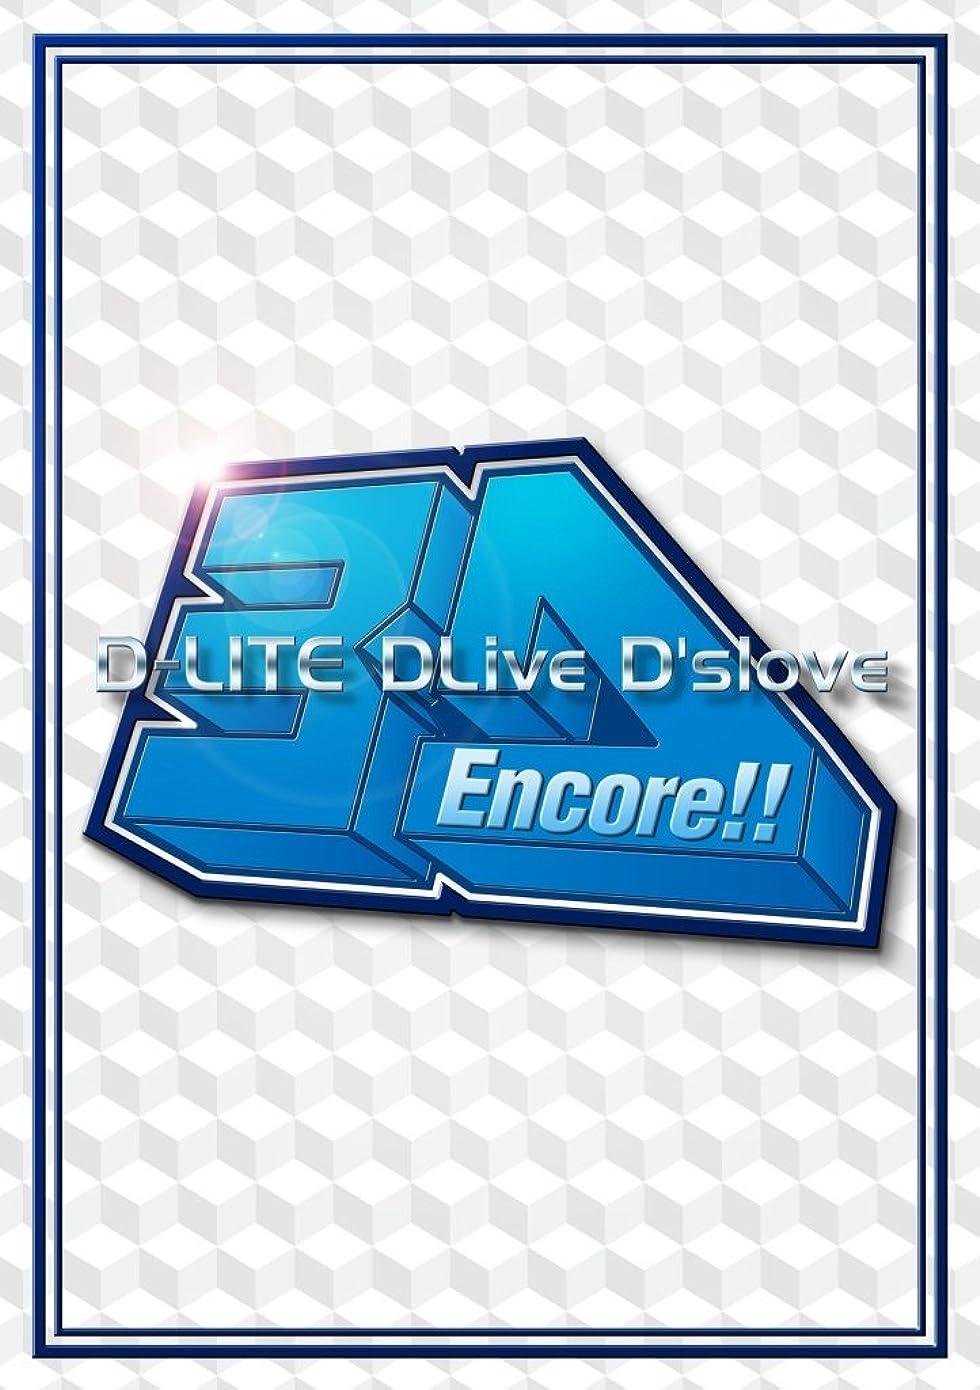 動揺させるドラッグ沿ってEncore!! 3D Tour [D-LITE DLiveD'slove](Blu-ray(2枚組)+スマプラ?ムービー)